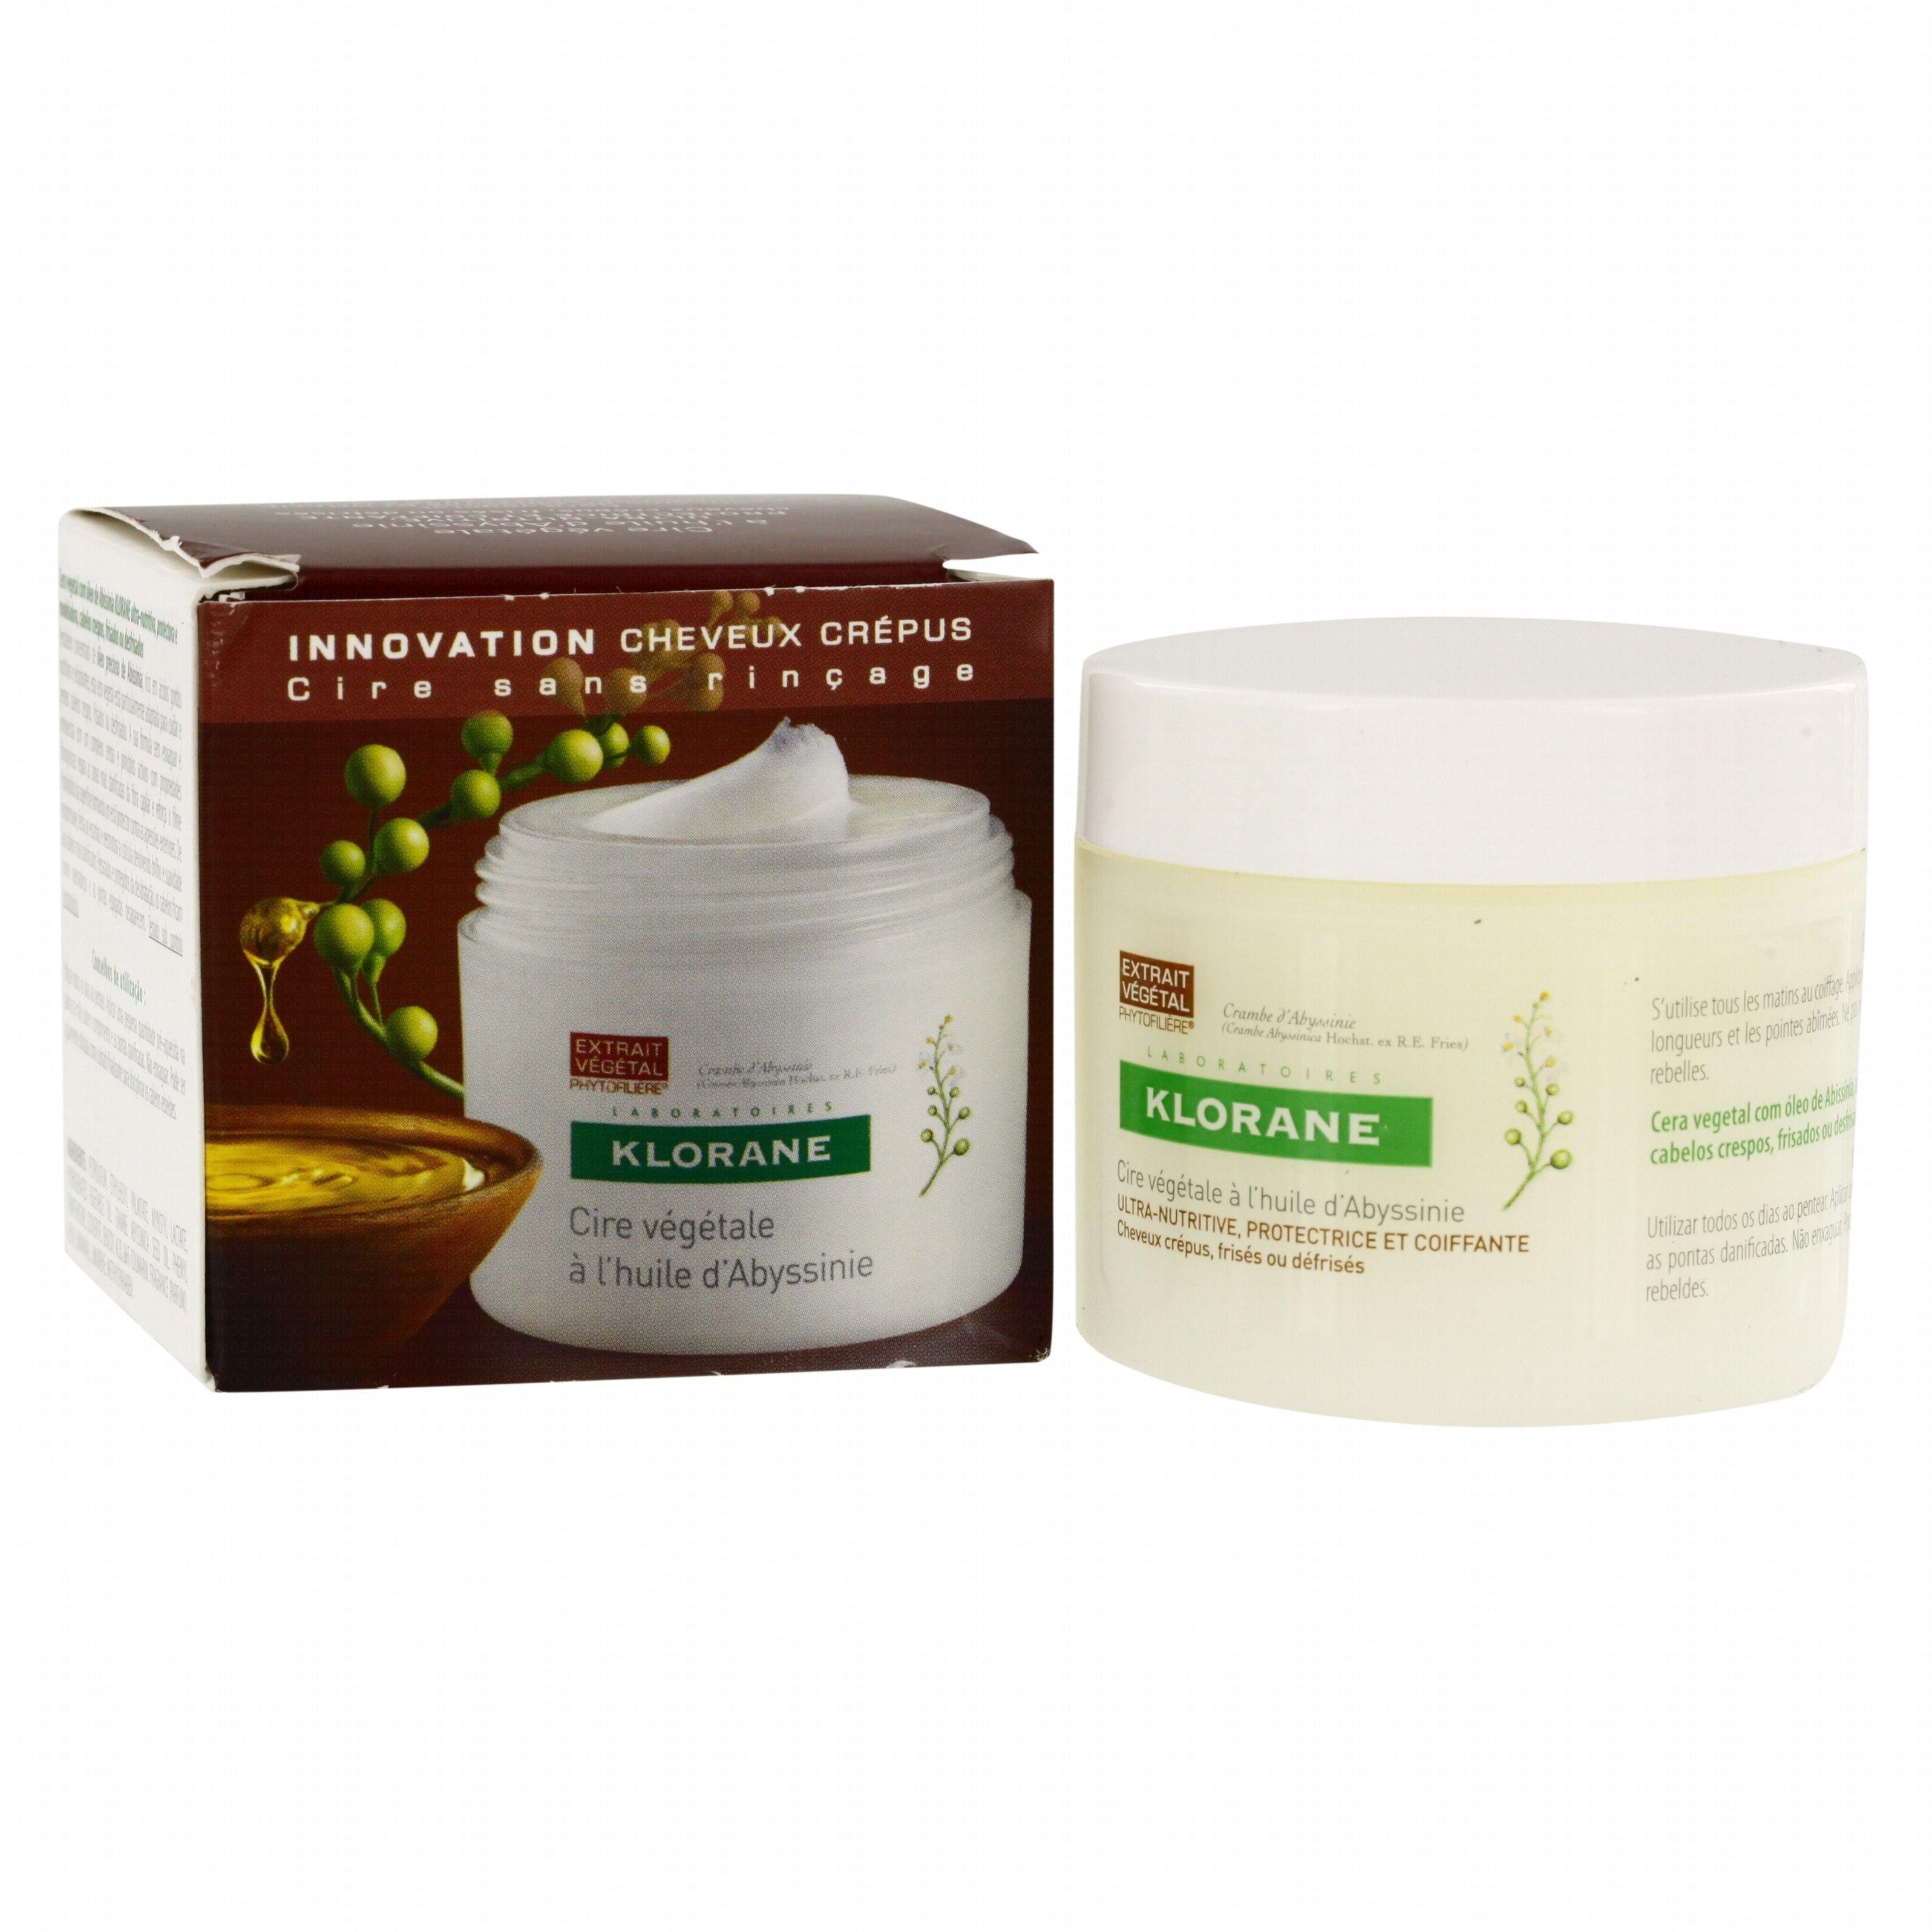 Souvent KLORANE Cire végétale à l'huile d'abyssinie pot 50 g  CR04